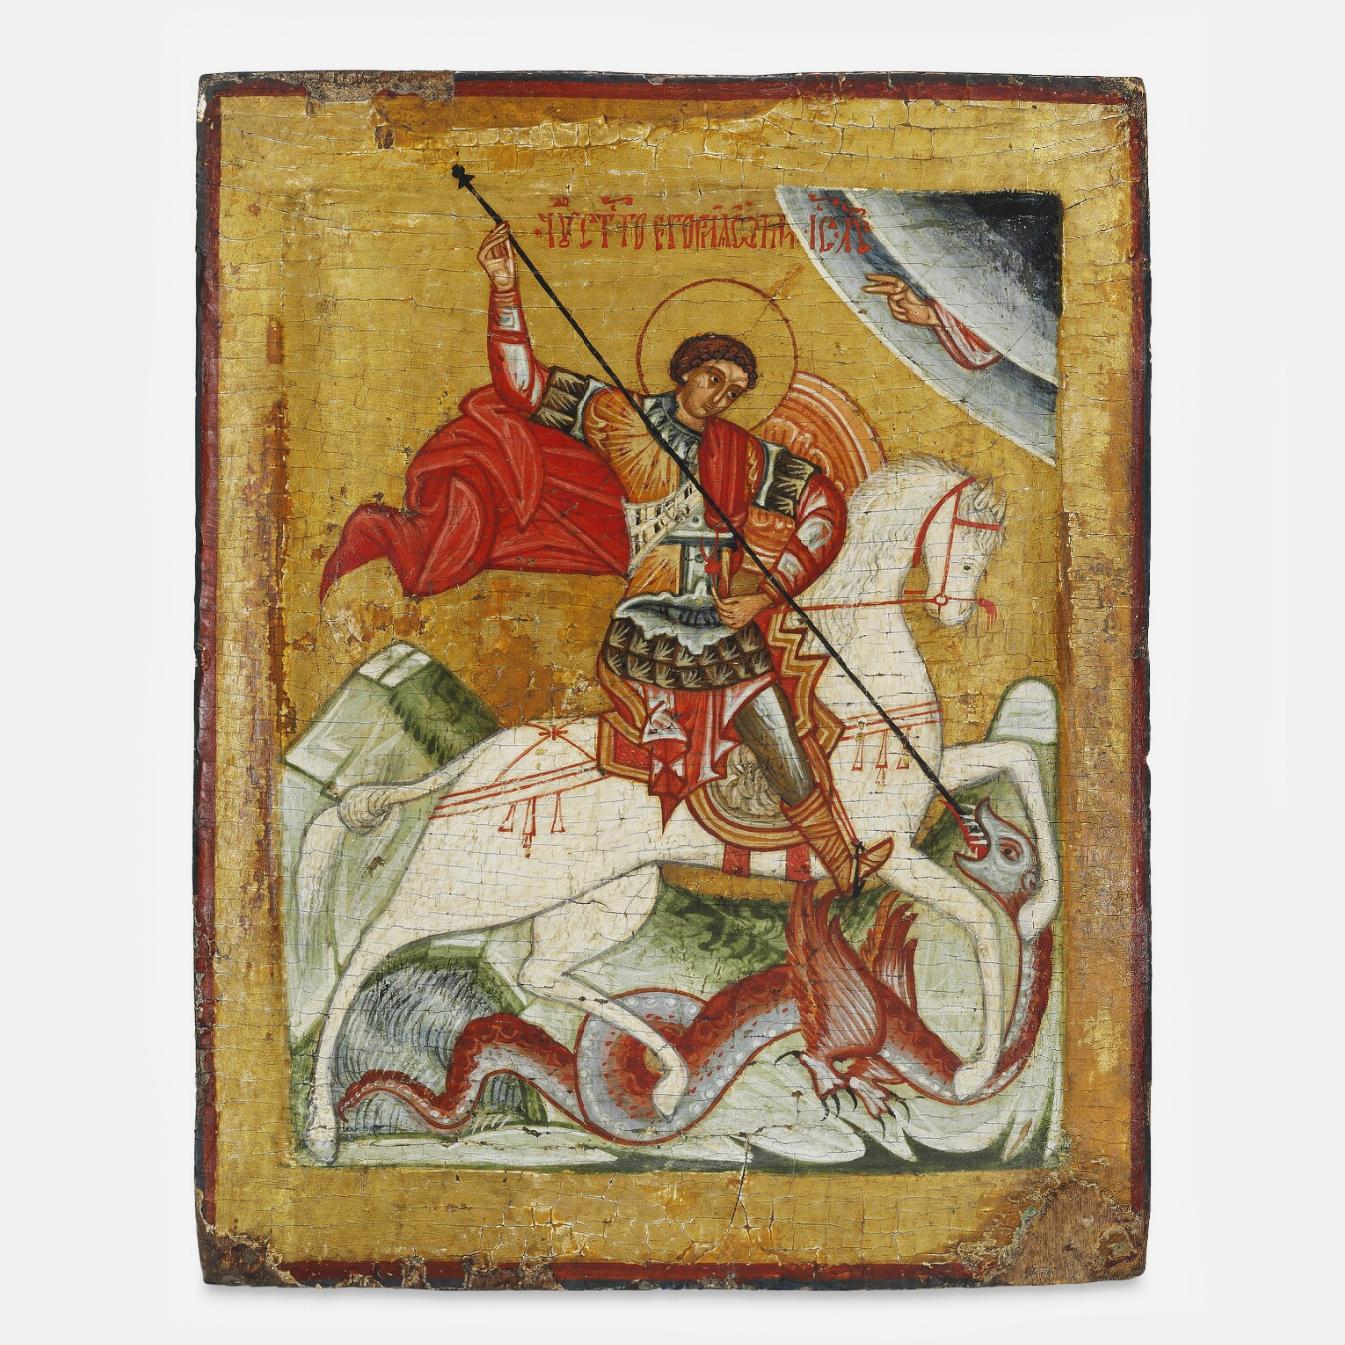 Икона Святого Георгия, 16 век, Новгородская школа